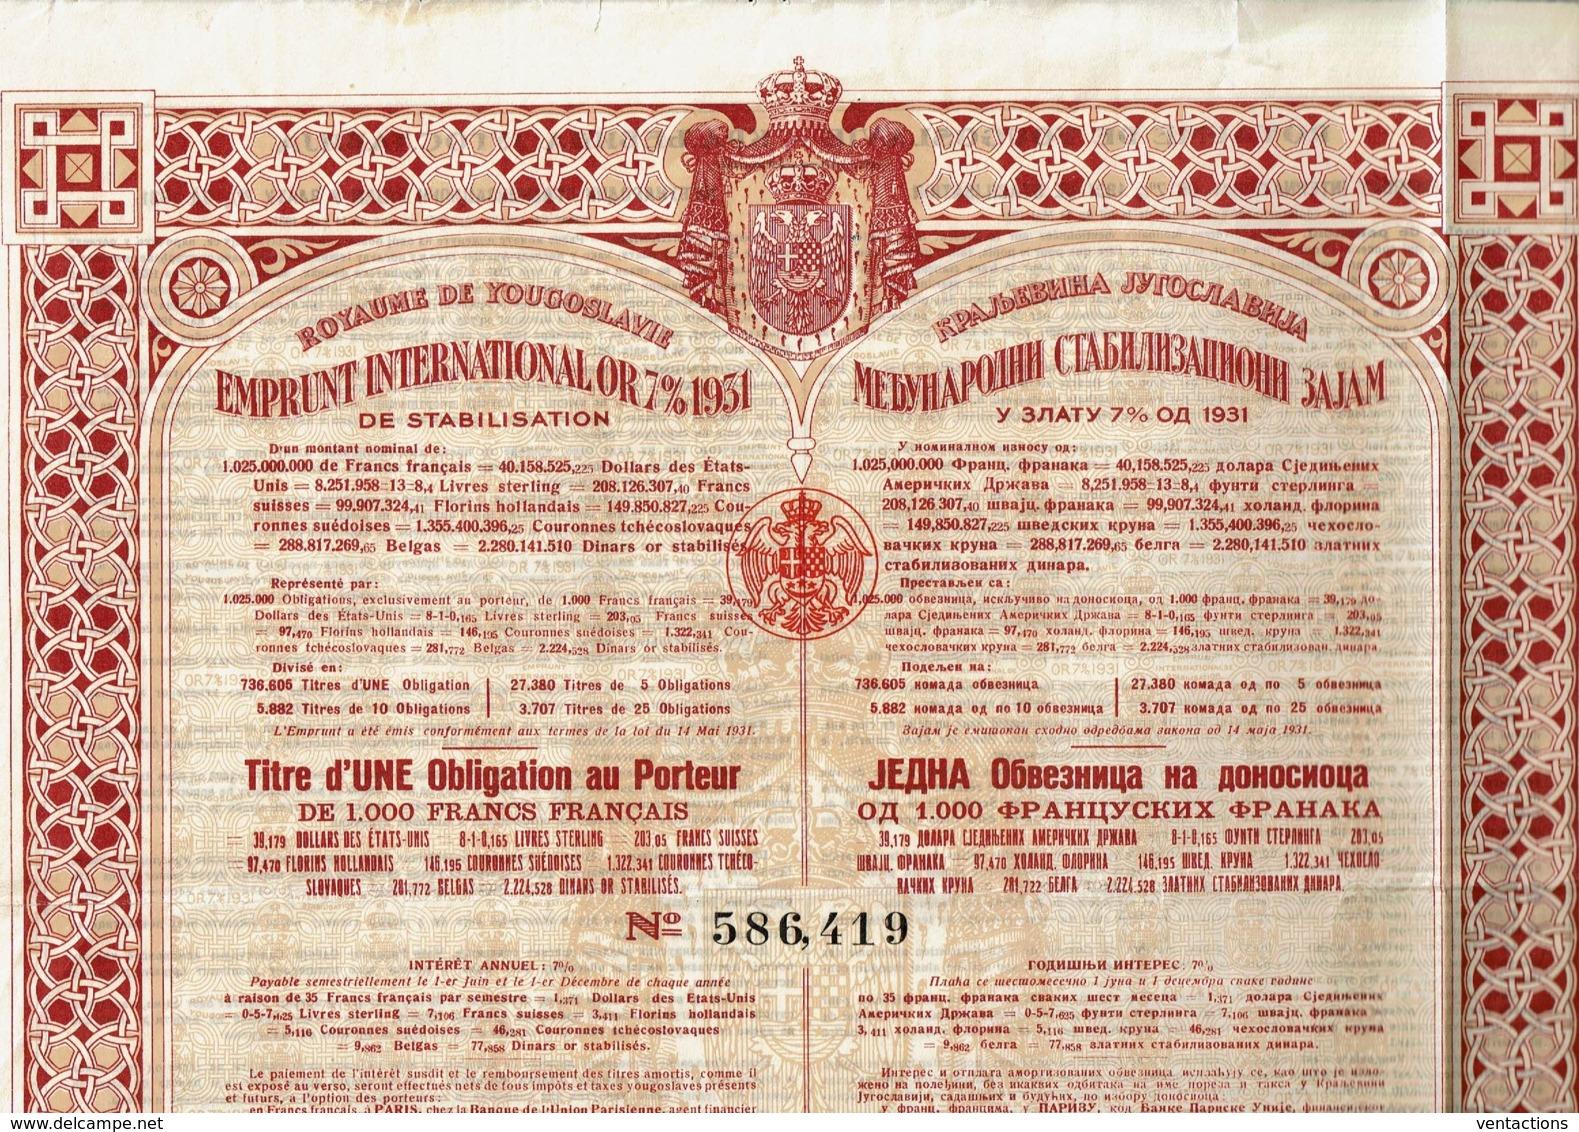 YOUGOSLAVIE-ROYAUME DE YOUGOSLAVIE. EMPRUNT INTERN. OR 7% 1931. Obligation De 1 000 F - Other